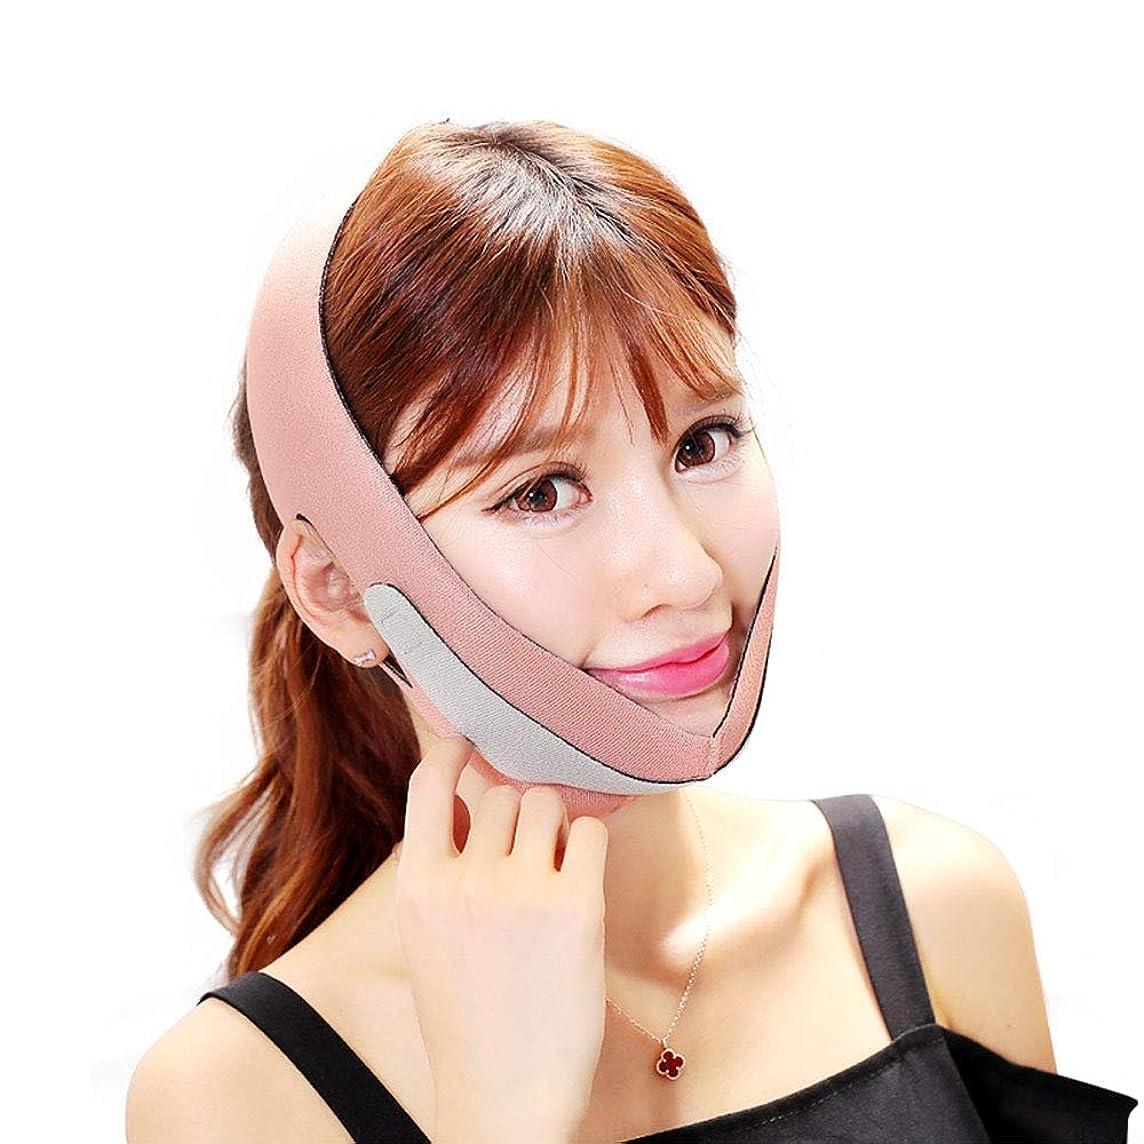 間違いなく乱雑なバンケット【Maveni】小顔 矯正 ベルト 美顔 顔痩せ 最新型 リフトアップベルト フェイスマスク メンズ レディース